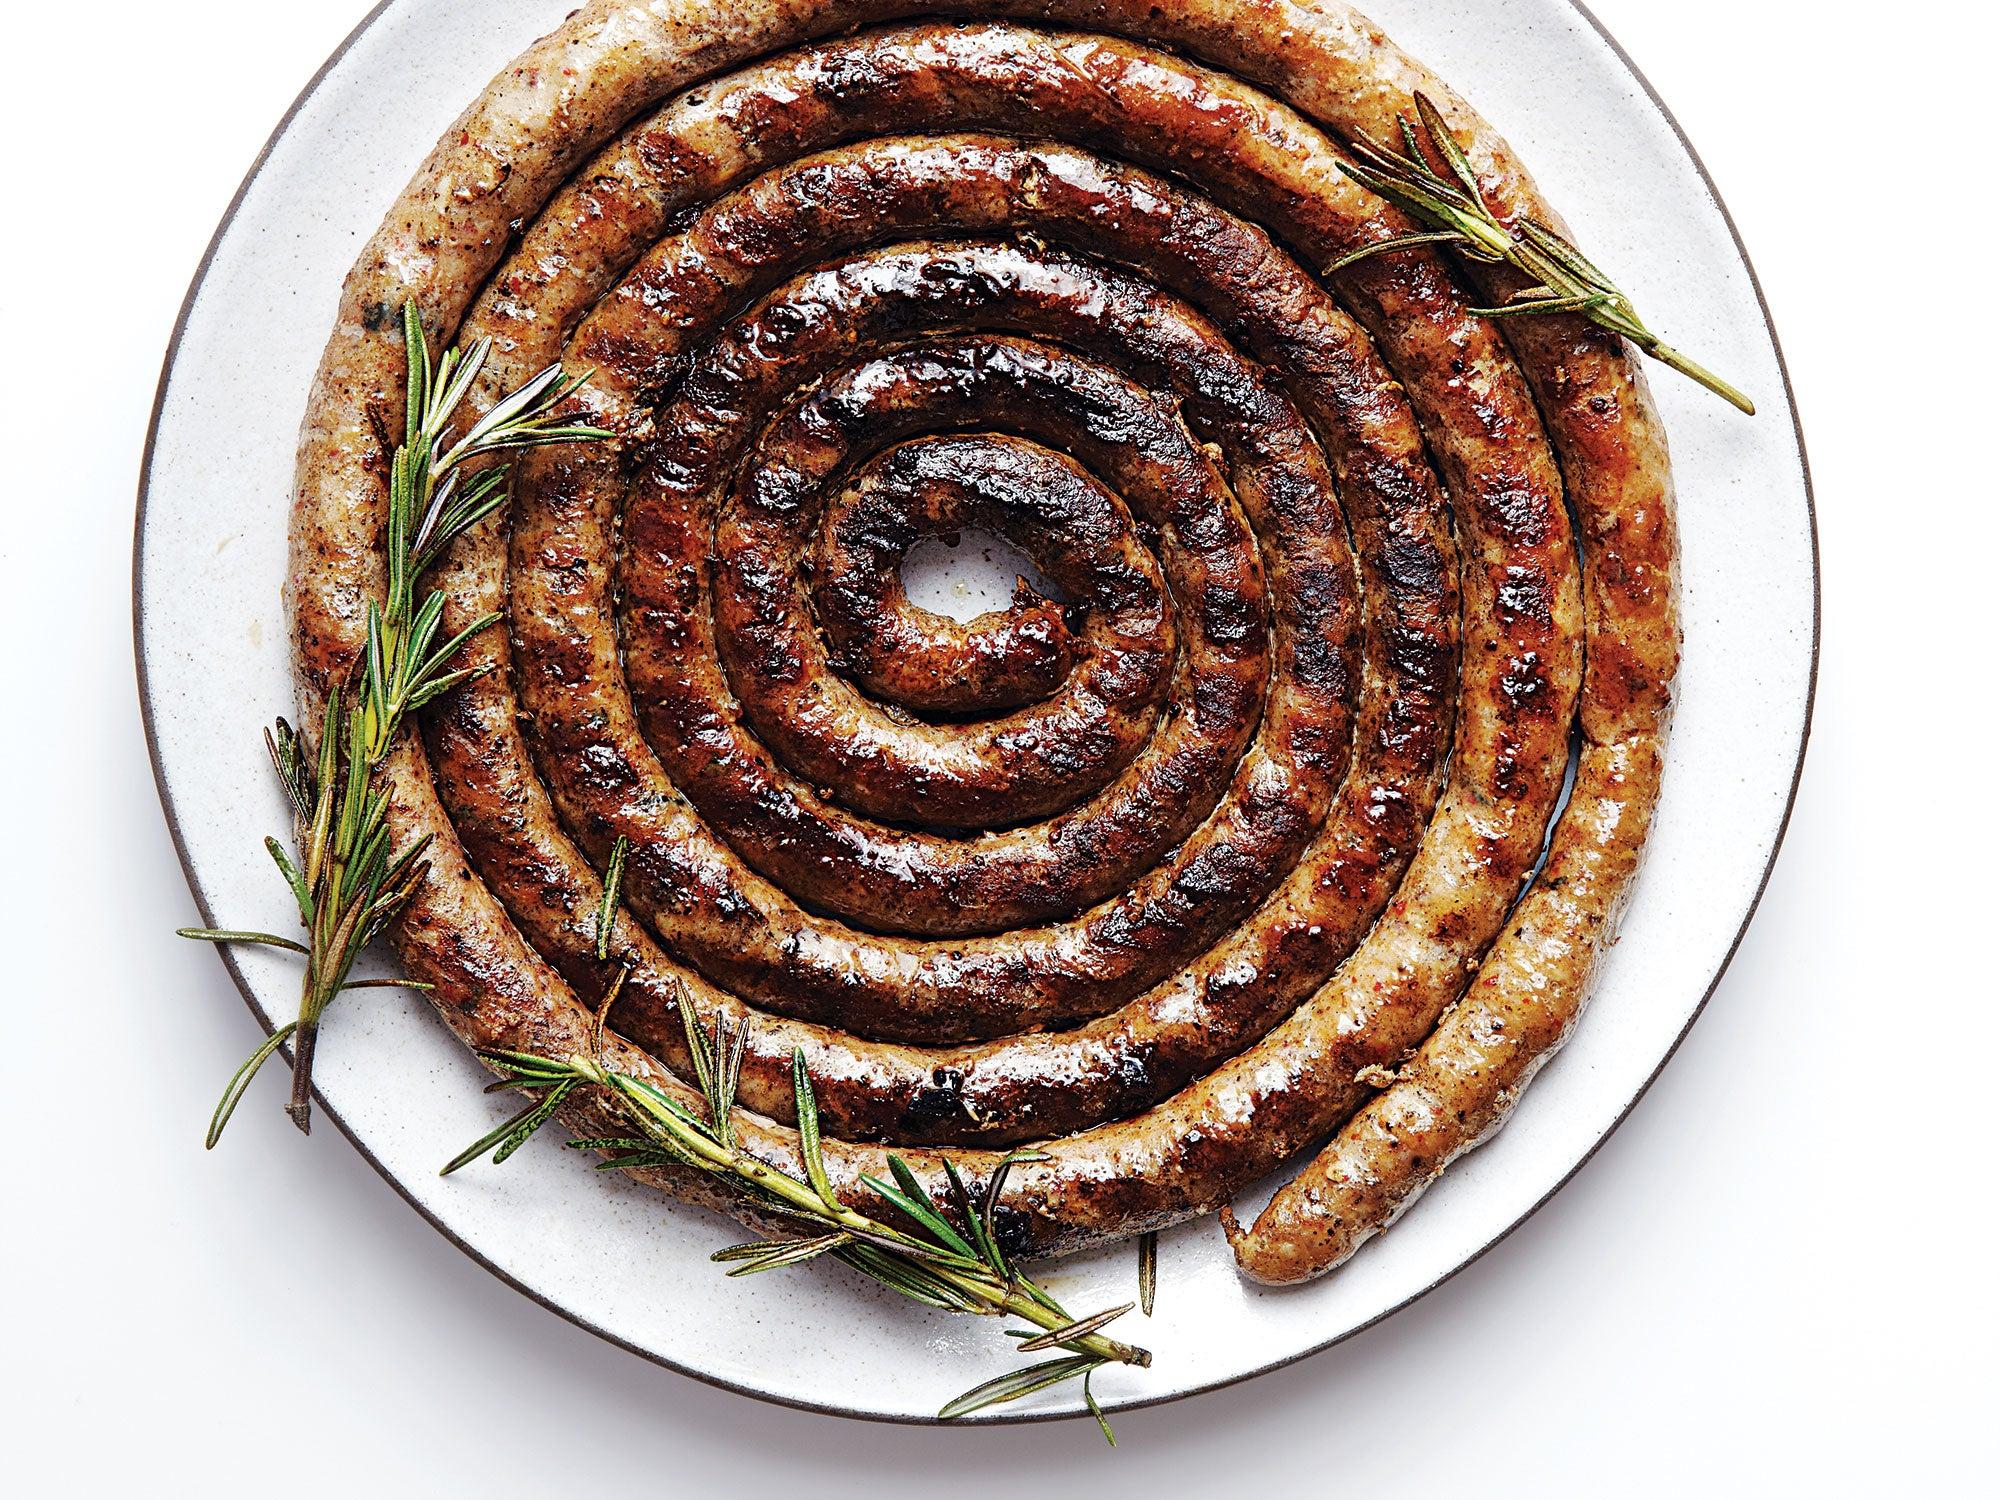 Garlic and Herb Sausage